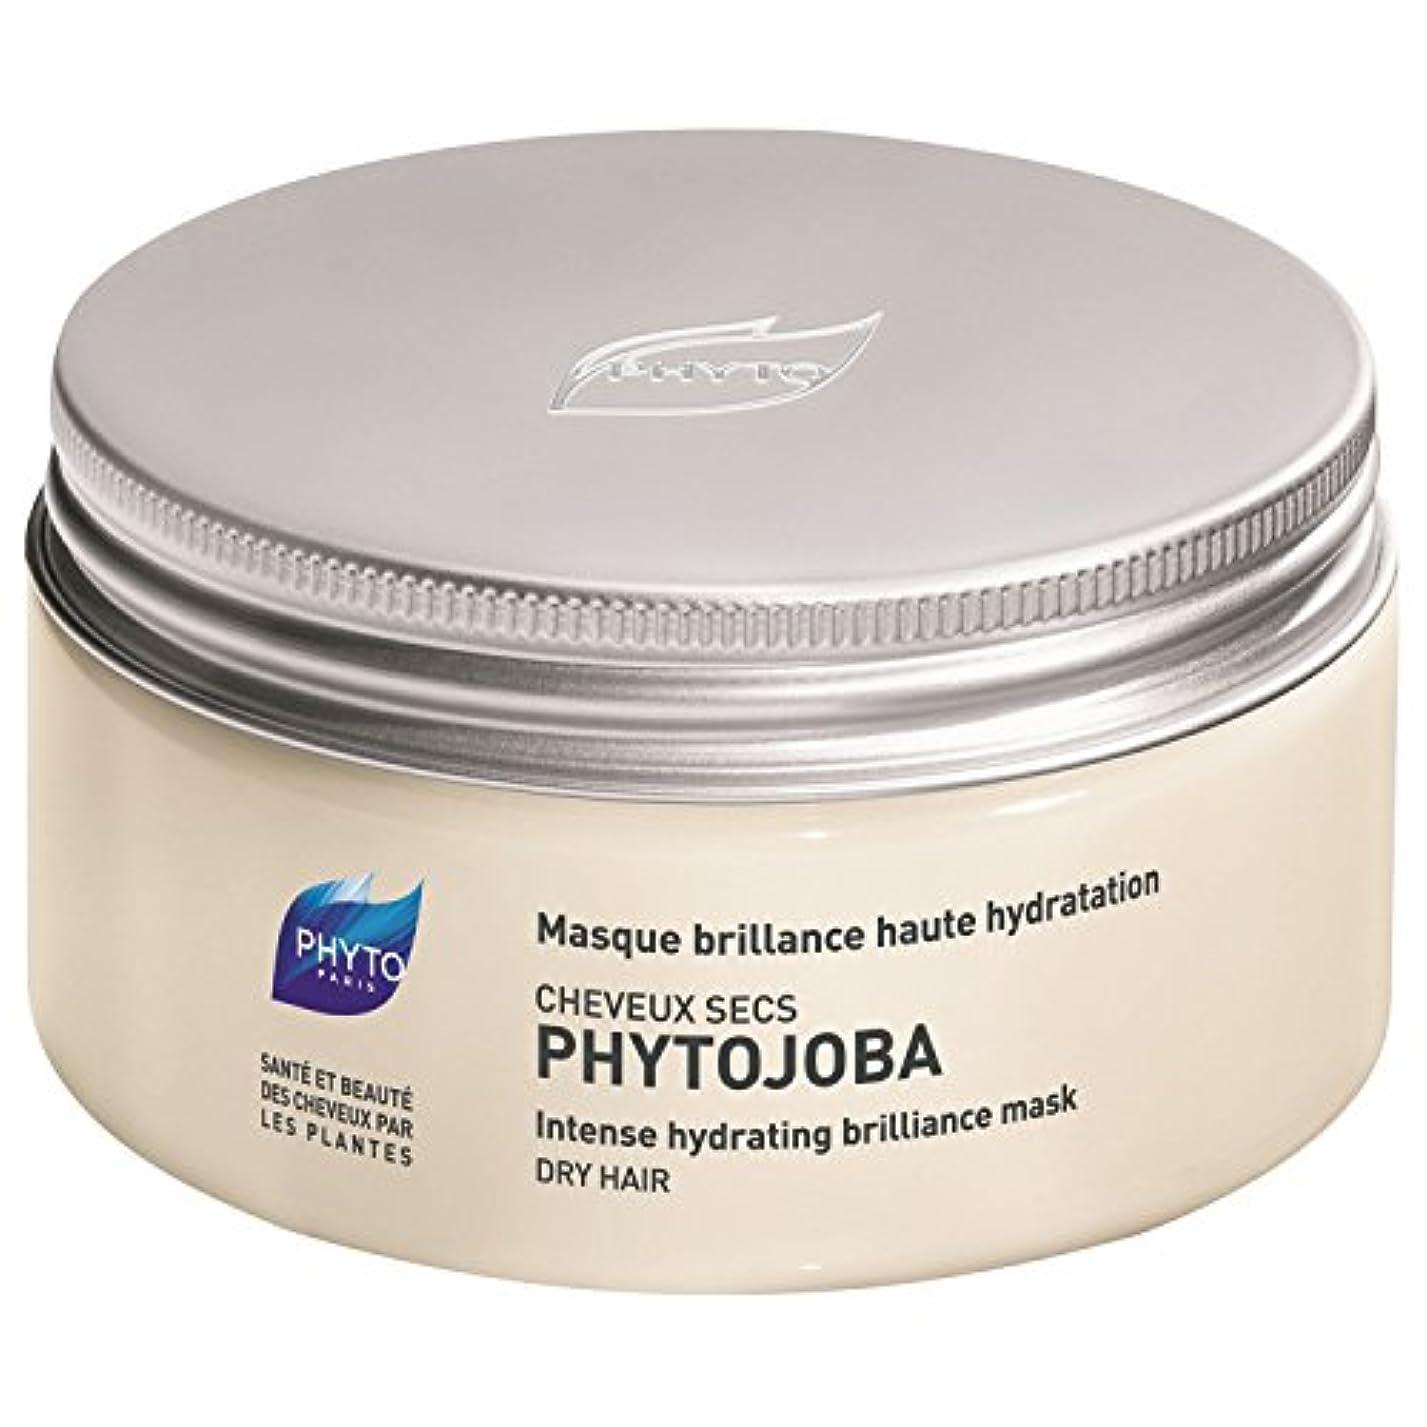 スキャンダラス干し草毒フィトPhytojoba強烈な水分補給マスク200ミリリットル (Phyto) - Phyto Phytojoba Intense Hydrating Mask 200ml [並行輸入品]